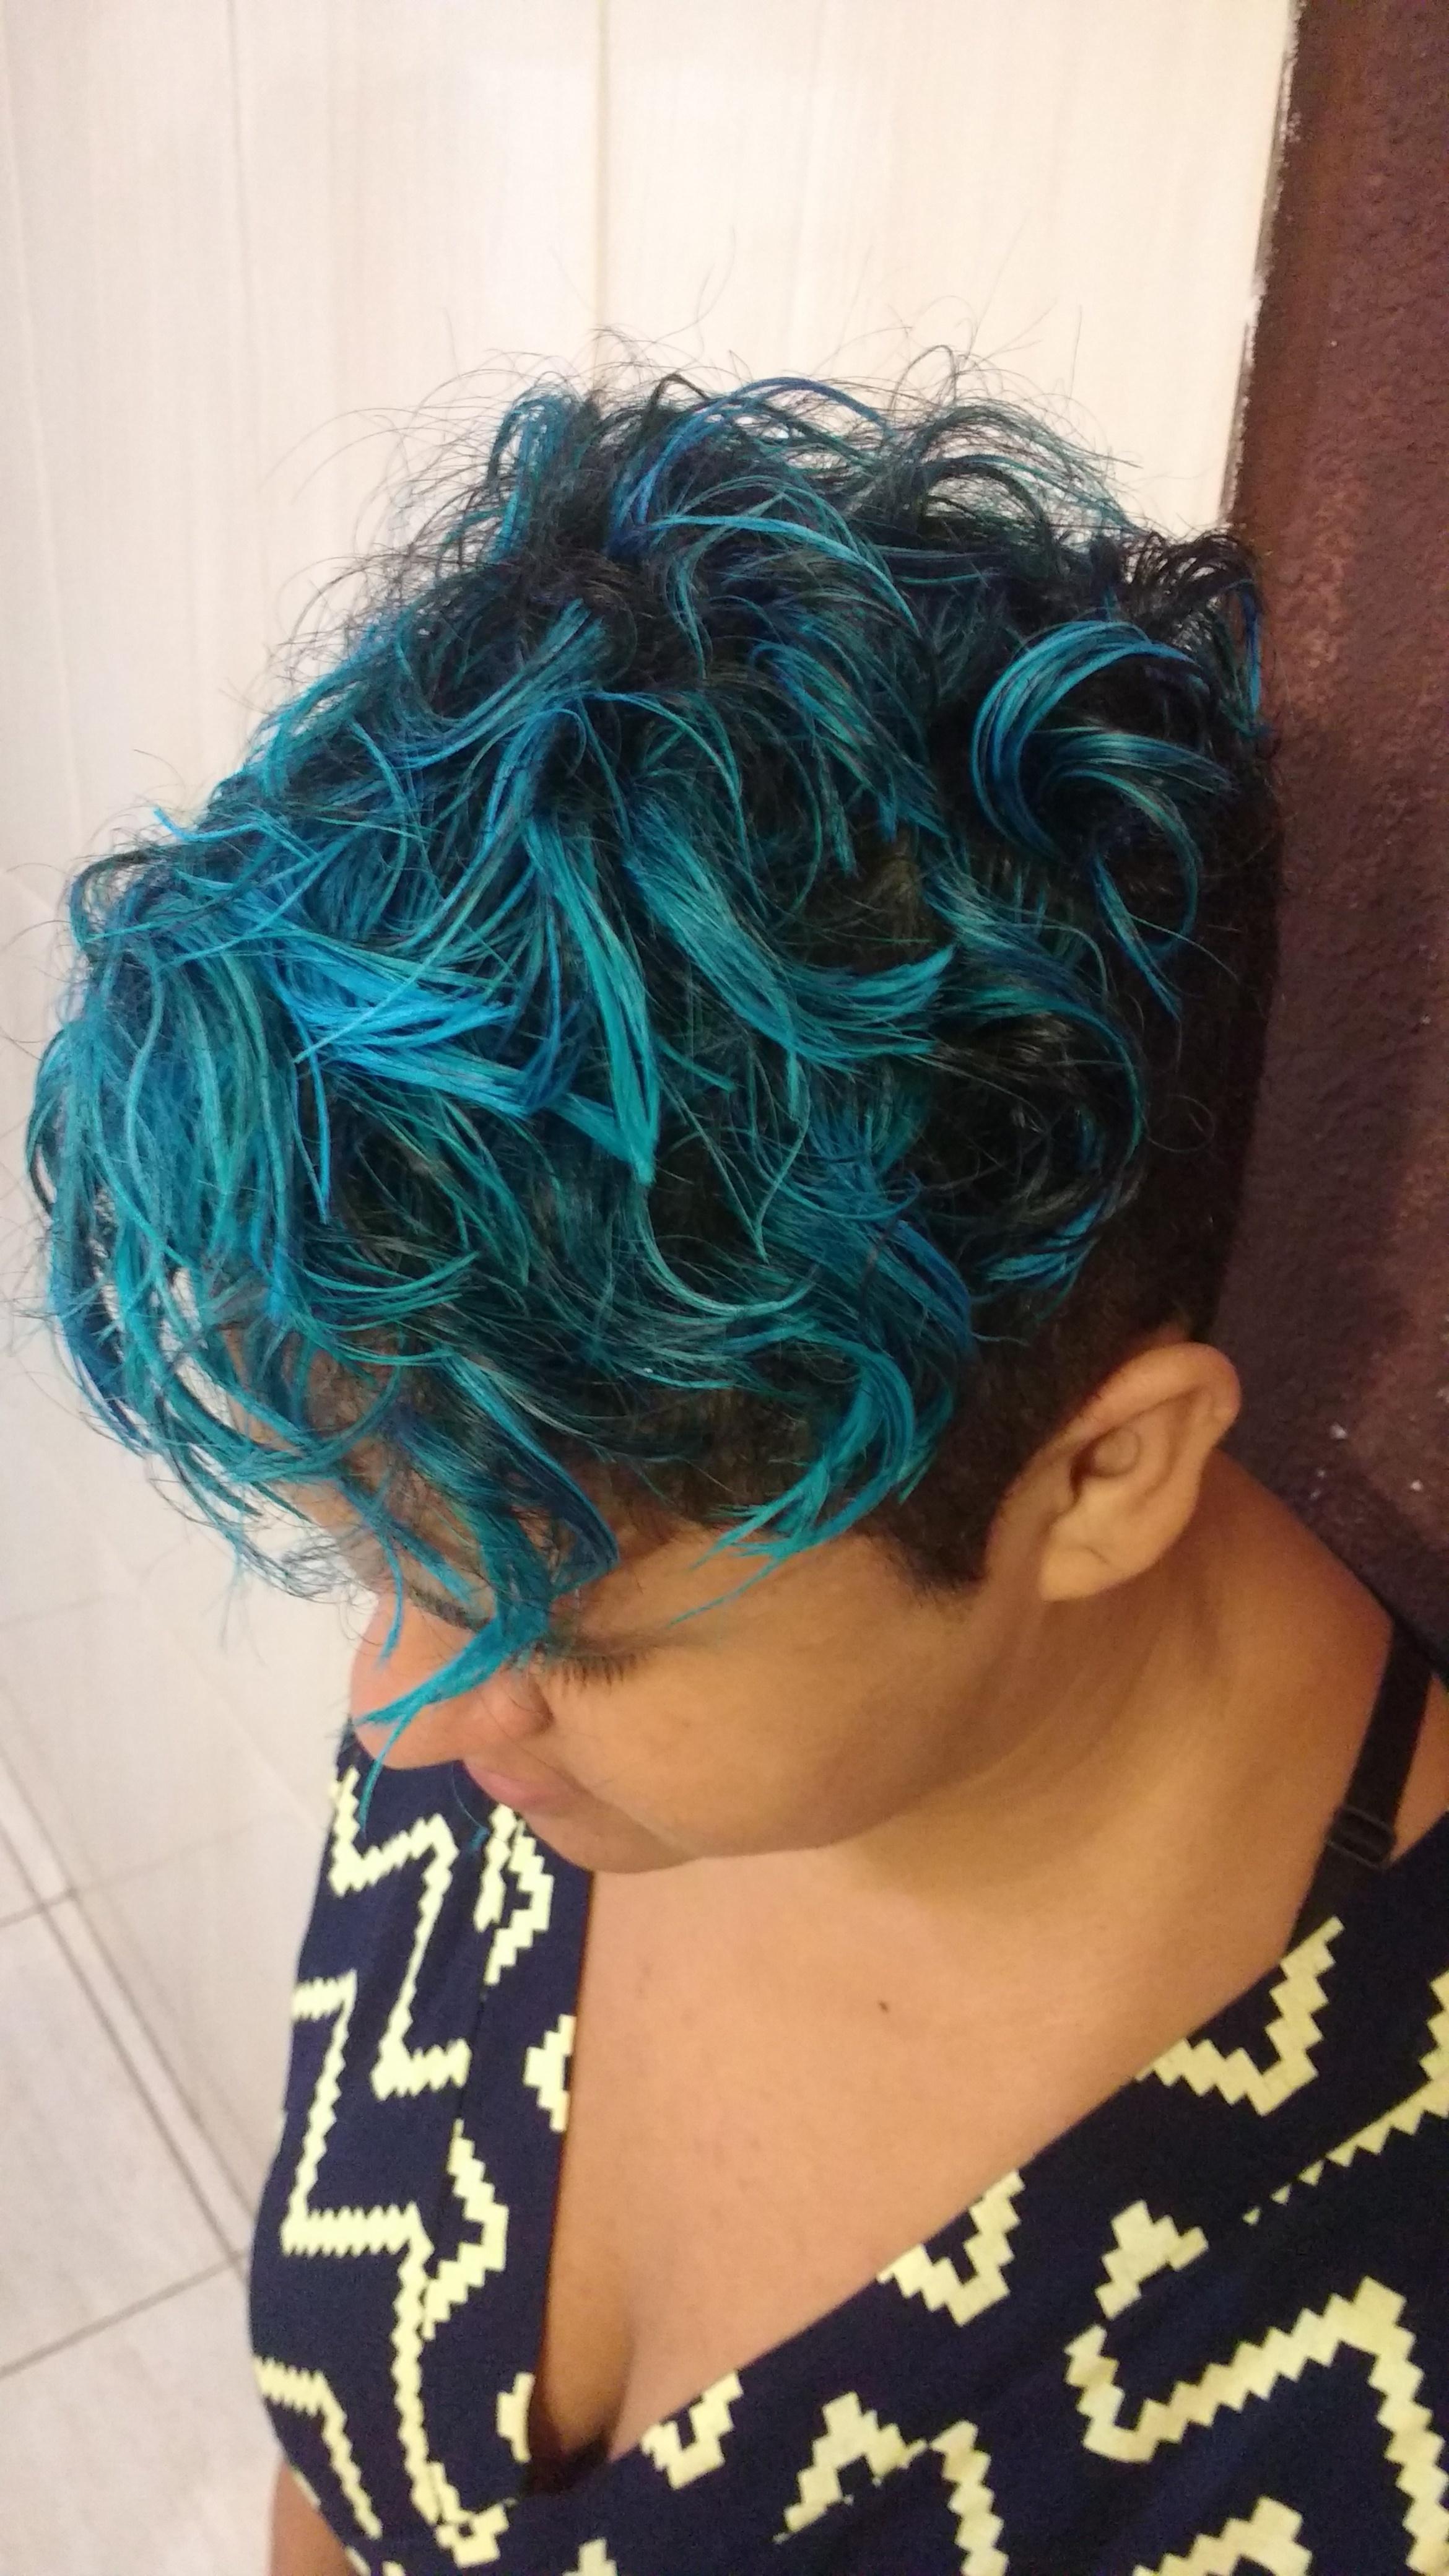 cabelo cabeleireiro(a) auxiliar cabeleireiro(a) maquiador(a) manicure e pedicure designer de sobrancelhas